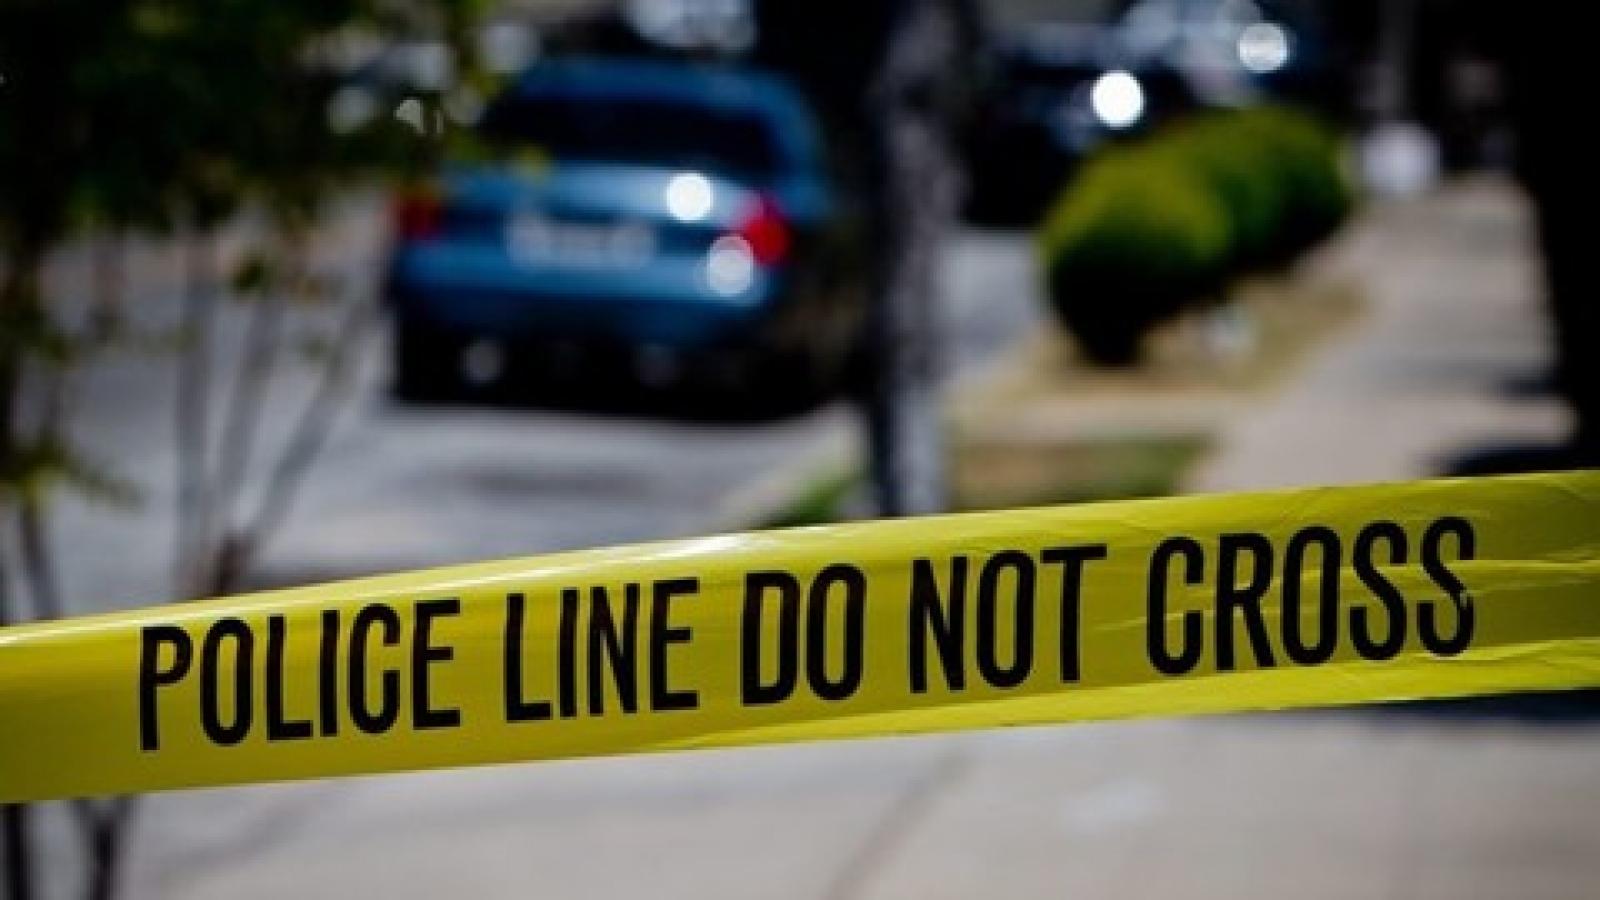 Nổ súng tại câu lạc bộ đêm ở Mỹ, 10 người thương vong